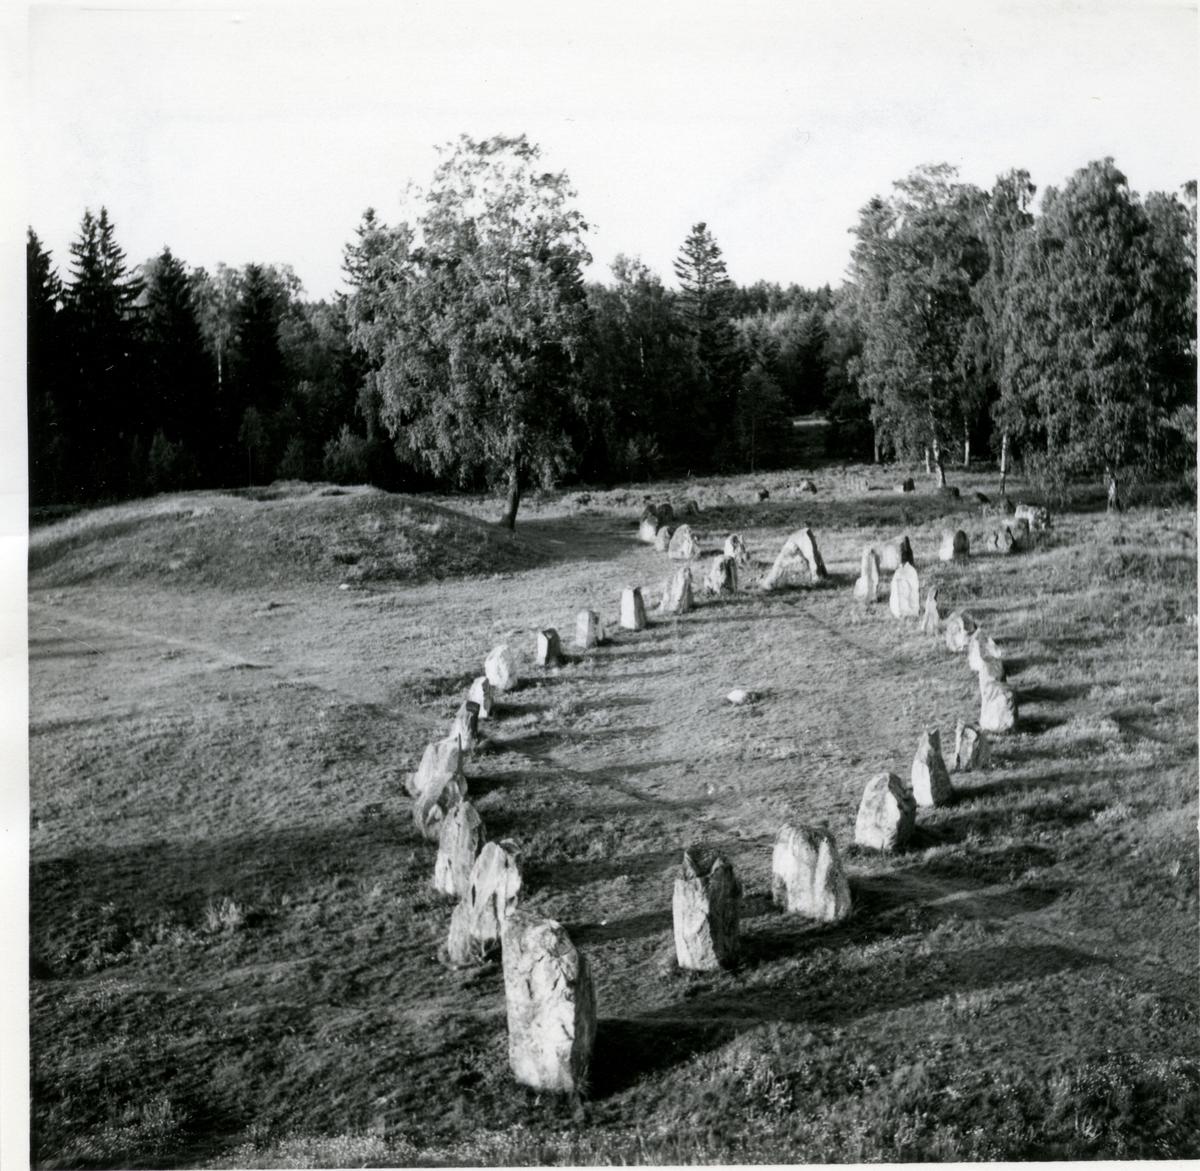 Badelunda sn, Anundshögsområdet, Långby. Stora skeppssättningarna.